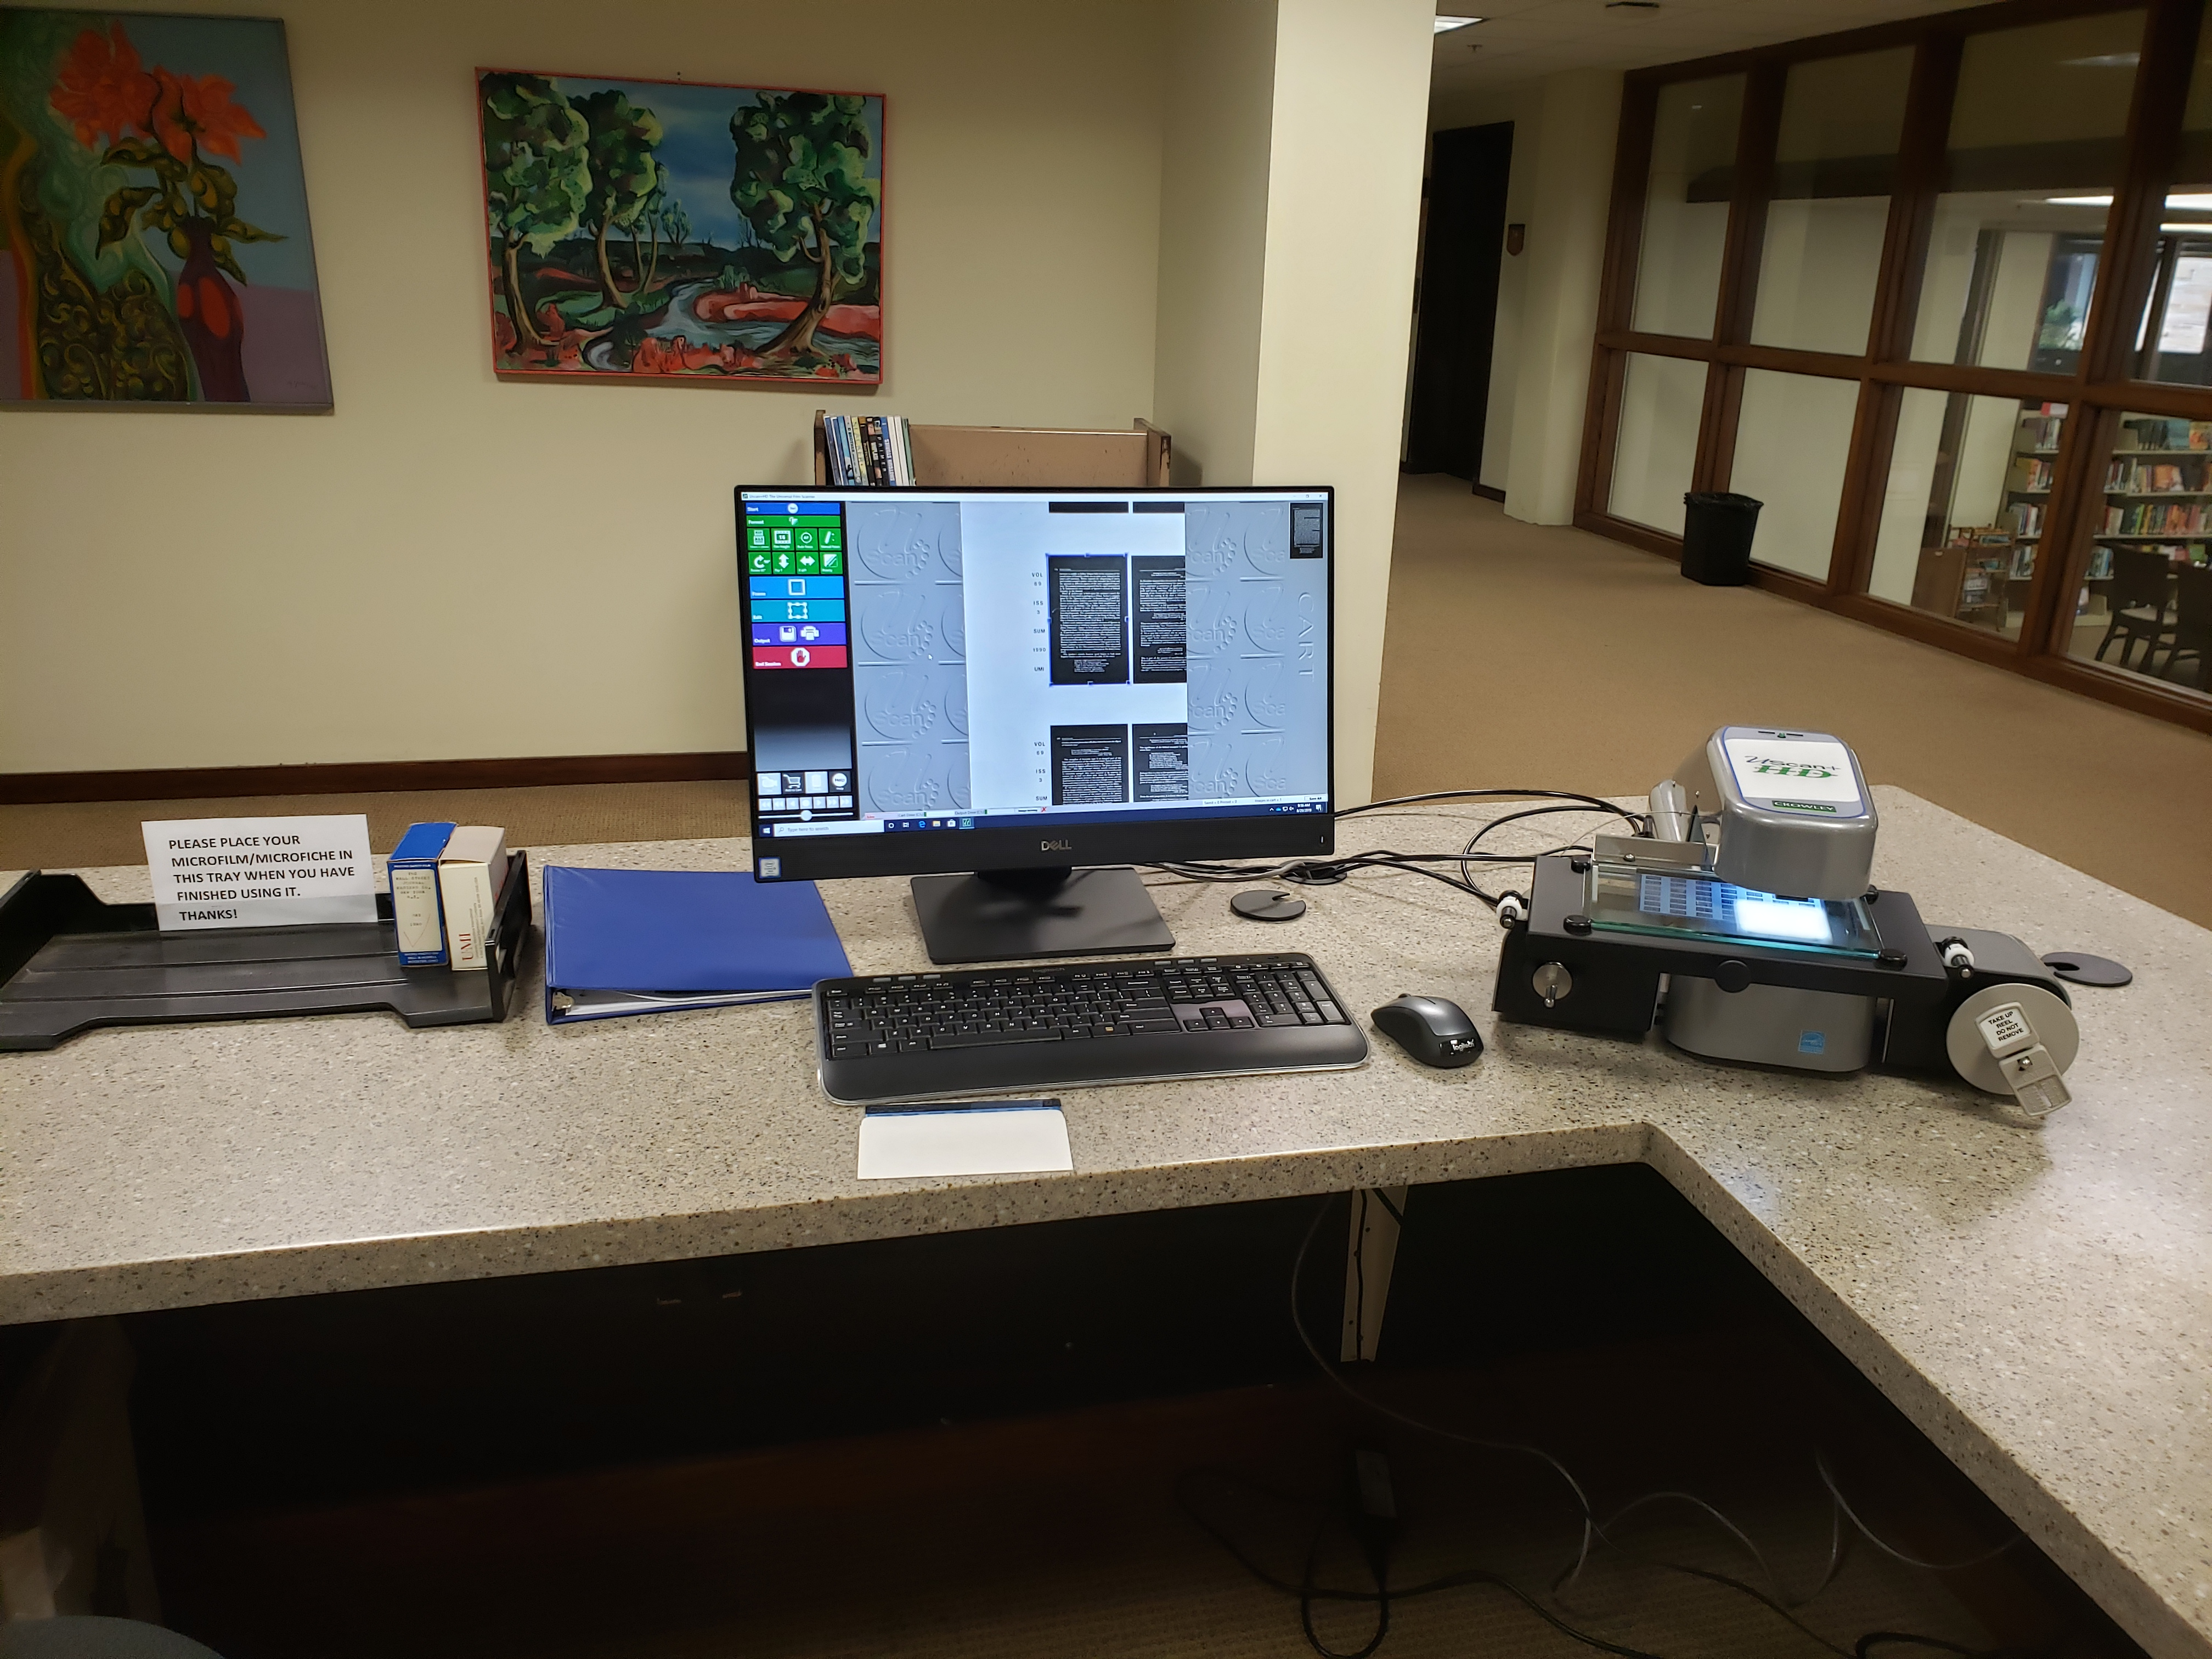 Microflim & Microfiche Scanner